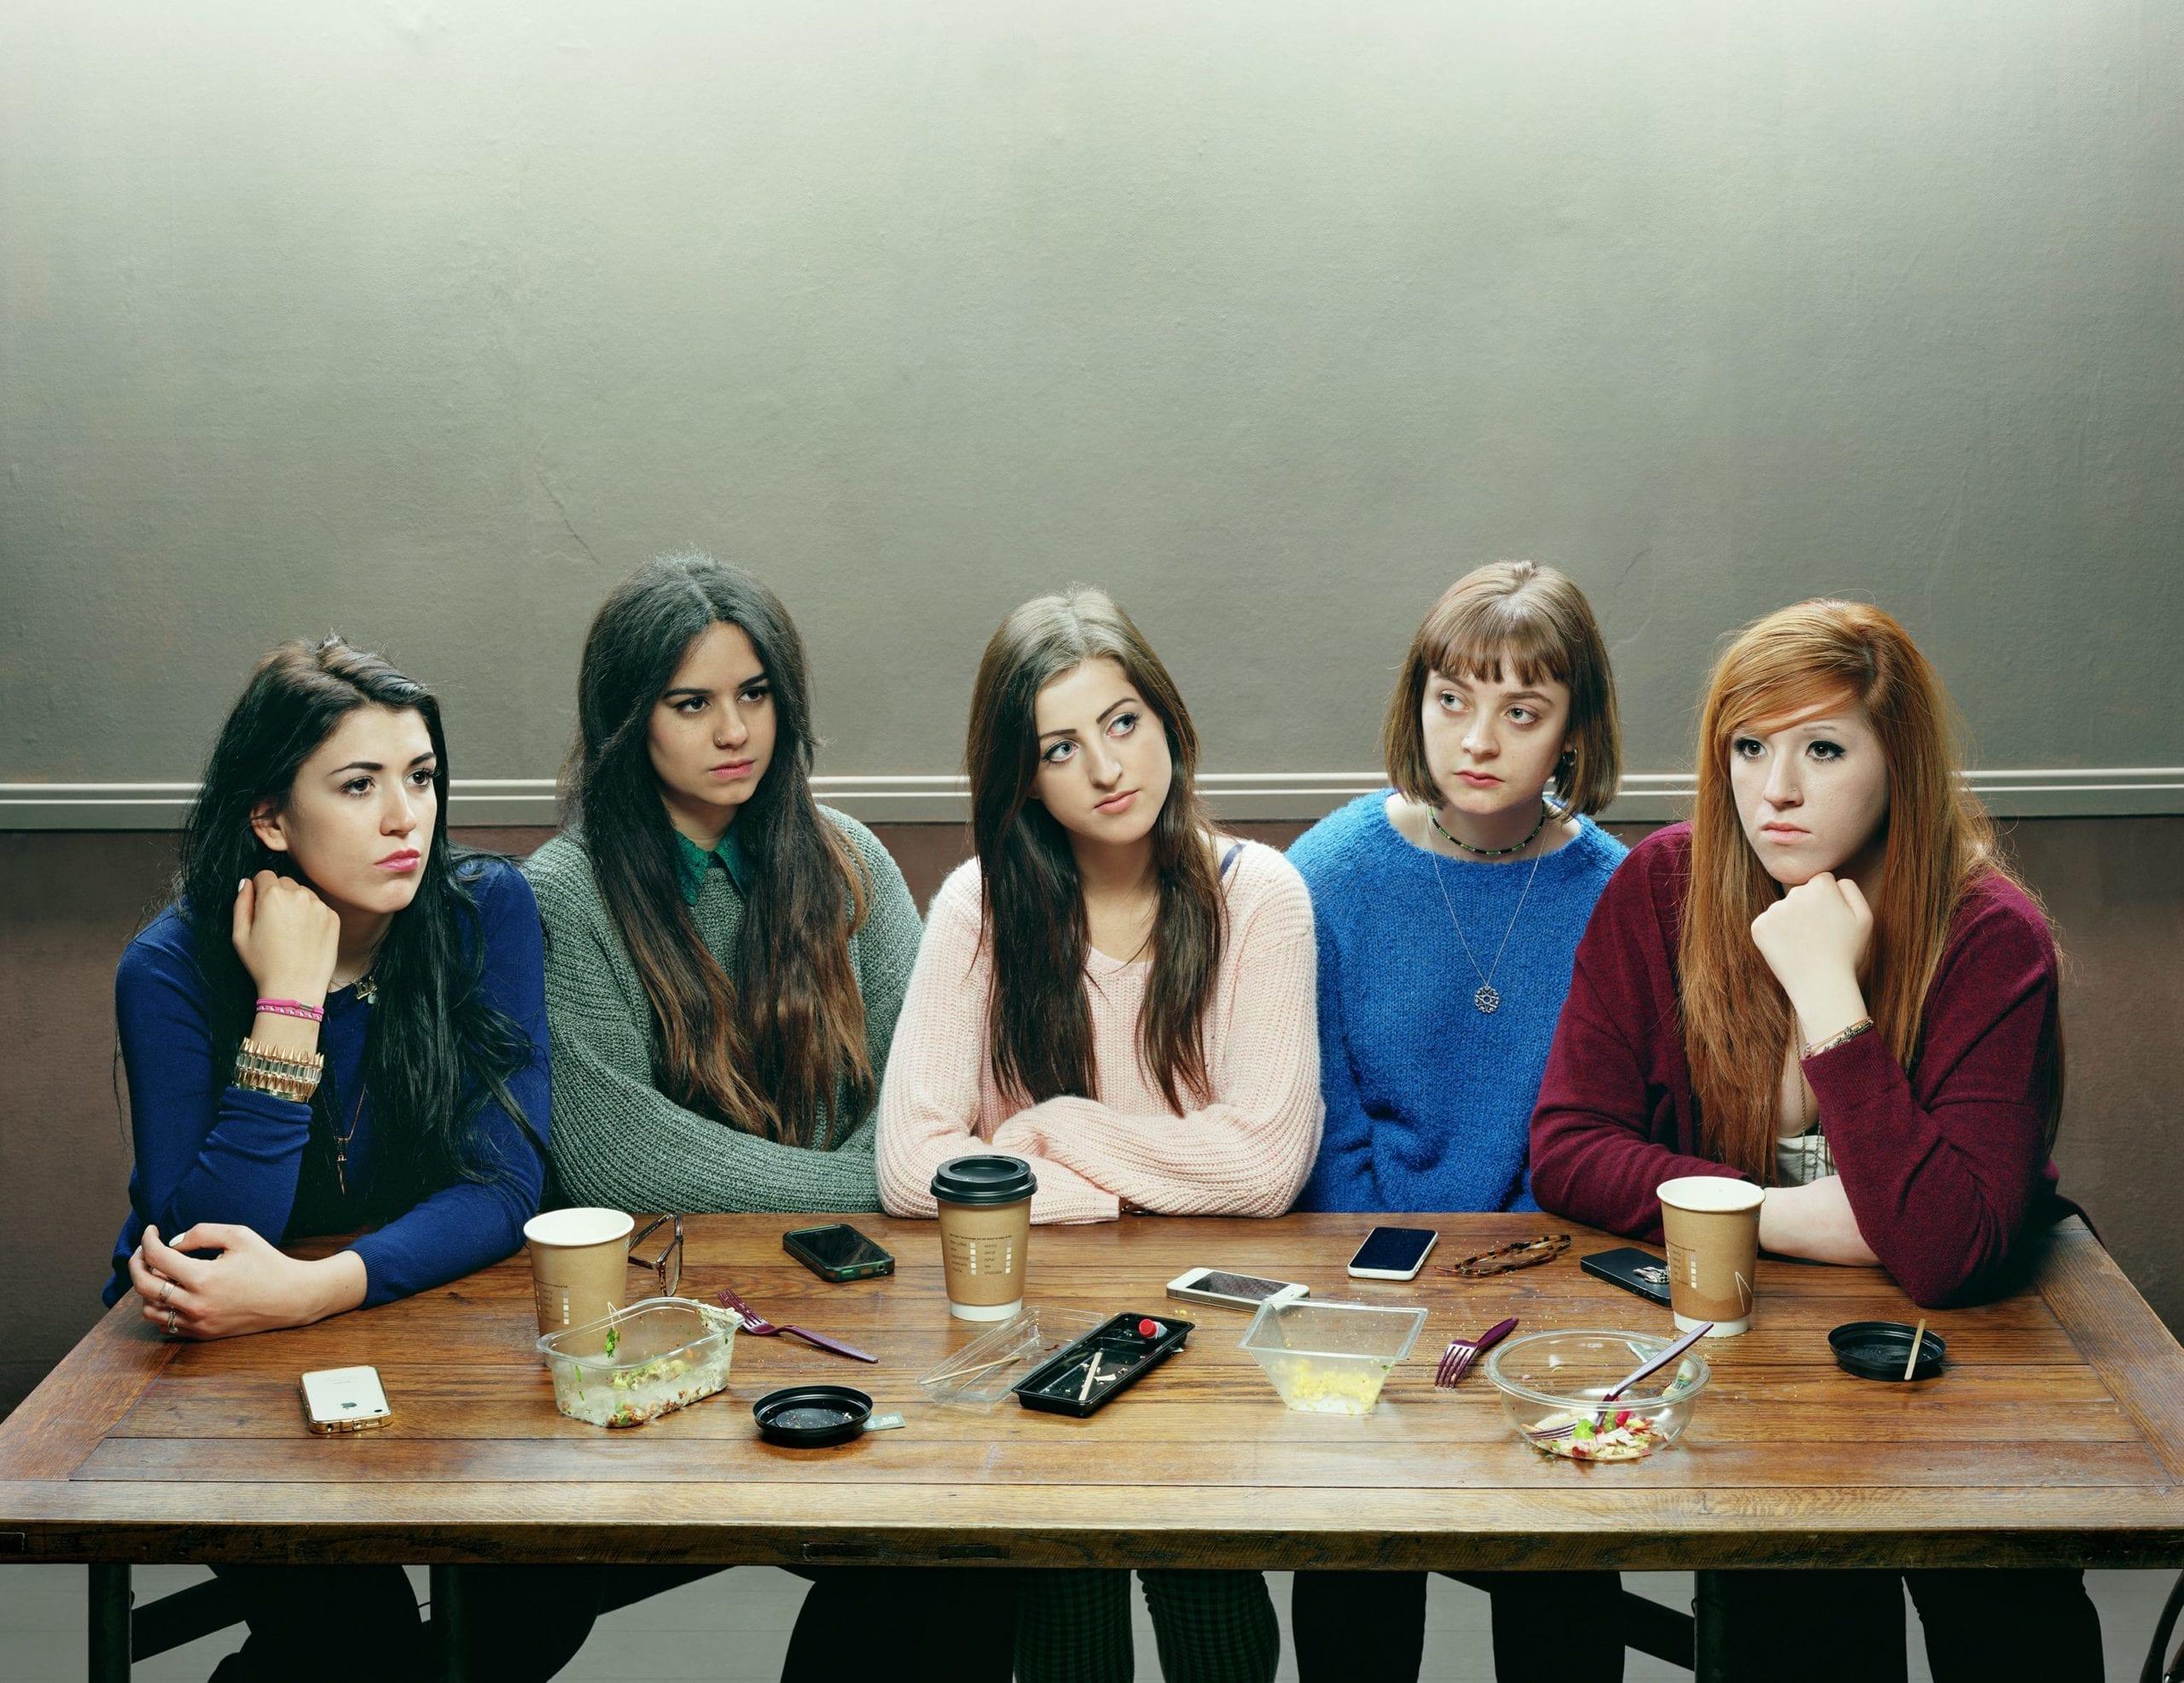 Five Girls 2014 by David Stewart © David Stewart